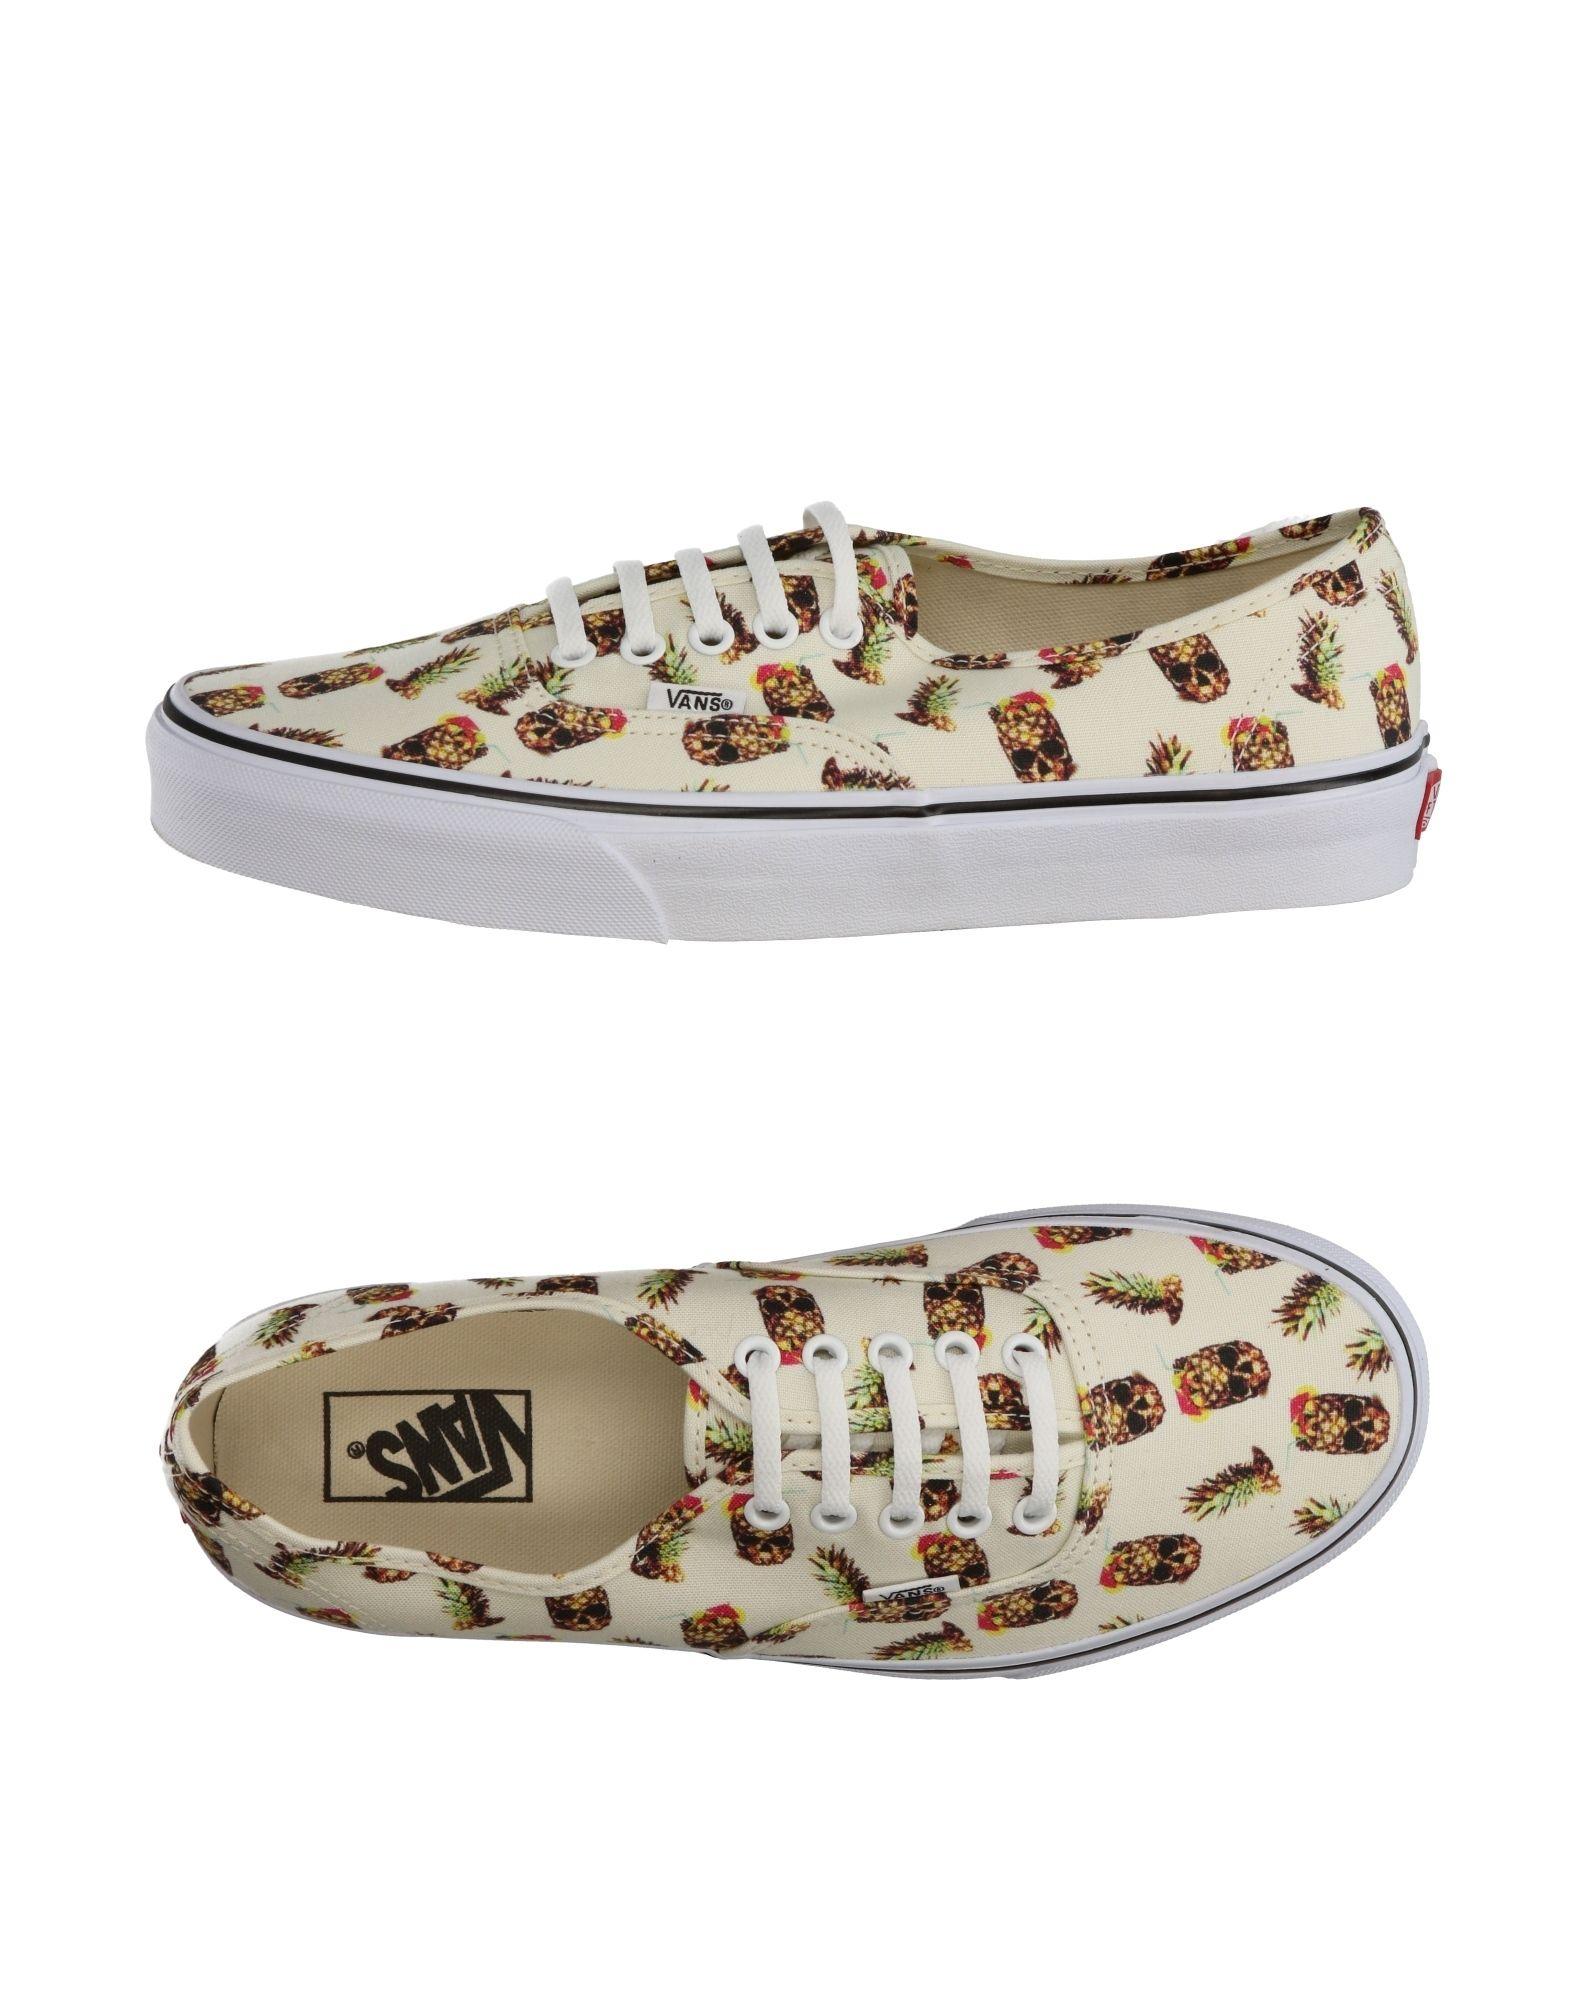 Rabatt echte Vans Schuhe Vans echte Sneakers Herren  11259337MJ 4efbcd